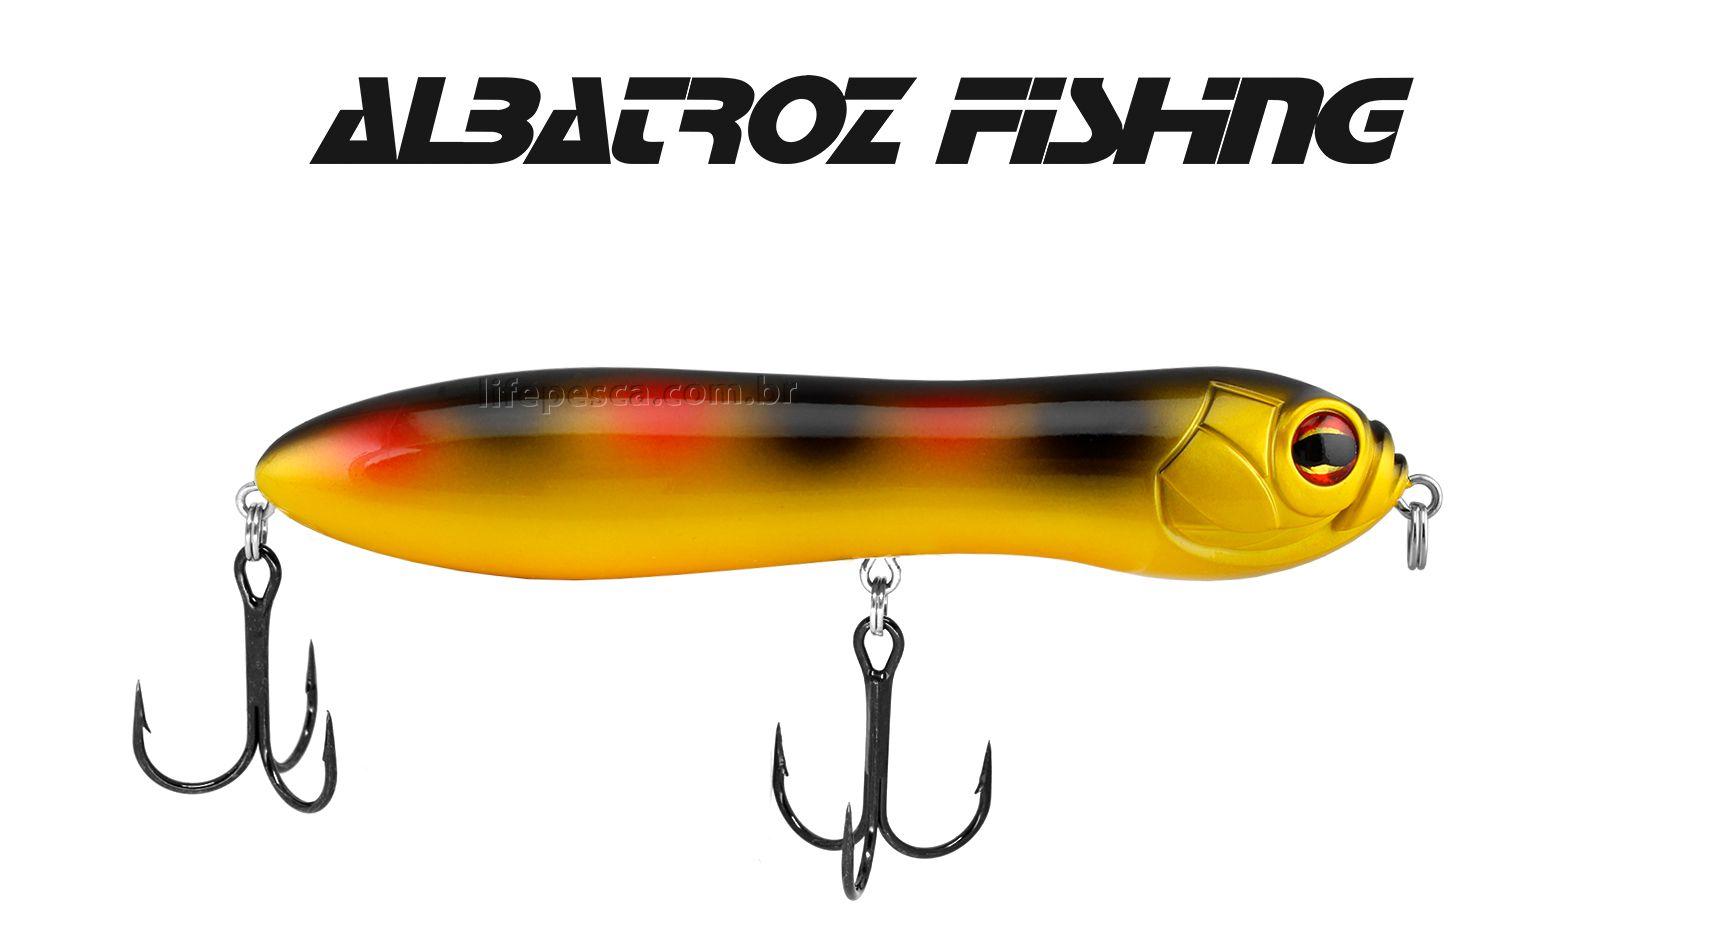 Isca Artificial Albatroz Fishing Thundera 130 - 13cm (30g) - Várias Cores  - Life Pesca - Sua loja de Pesca, Camping e Lazer